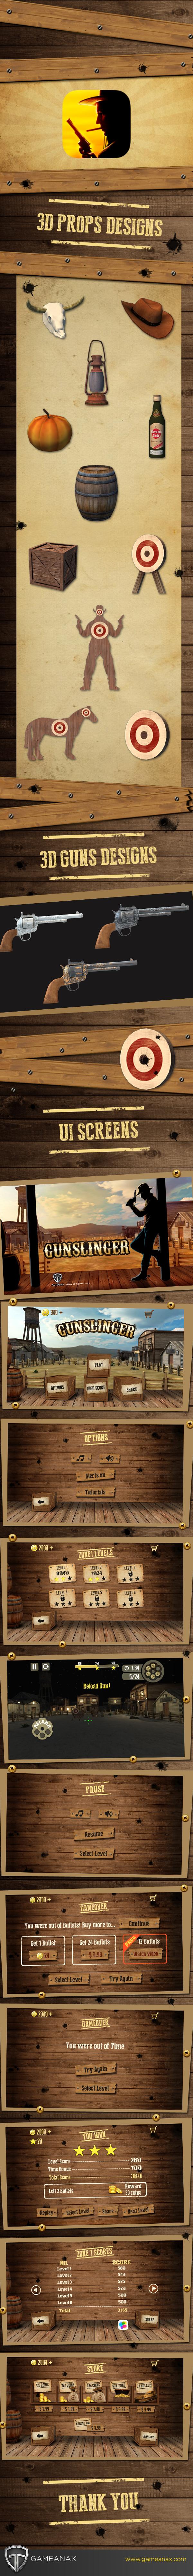 mobile gaming Gaming iphone iPad user interface shooting game